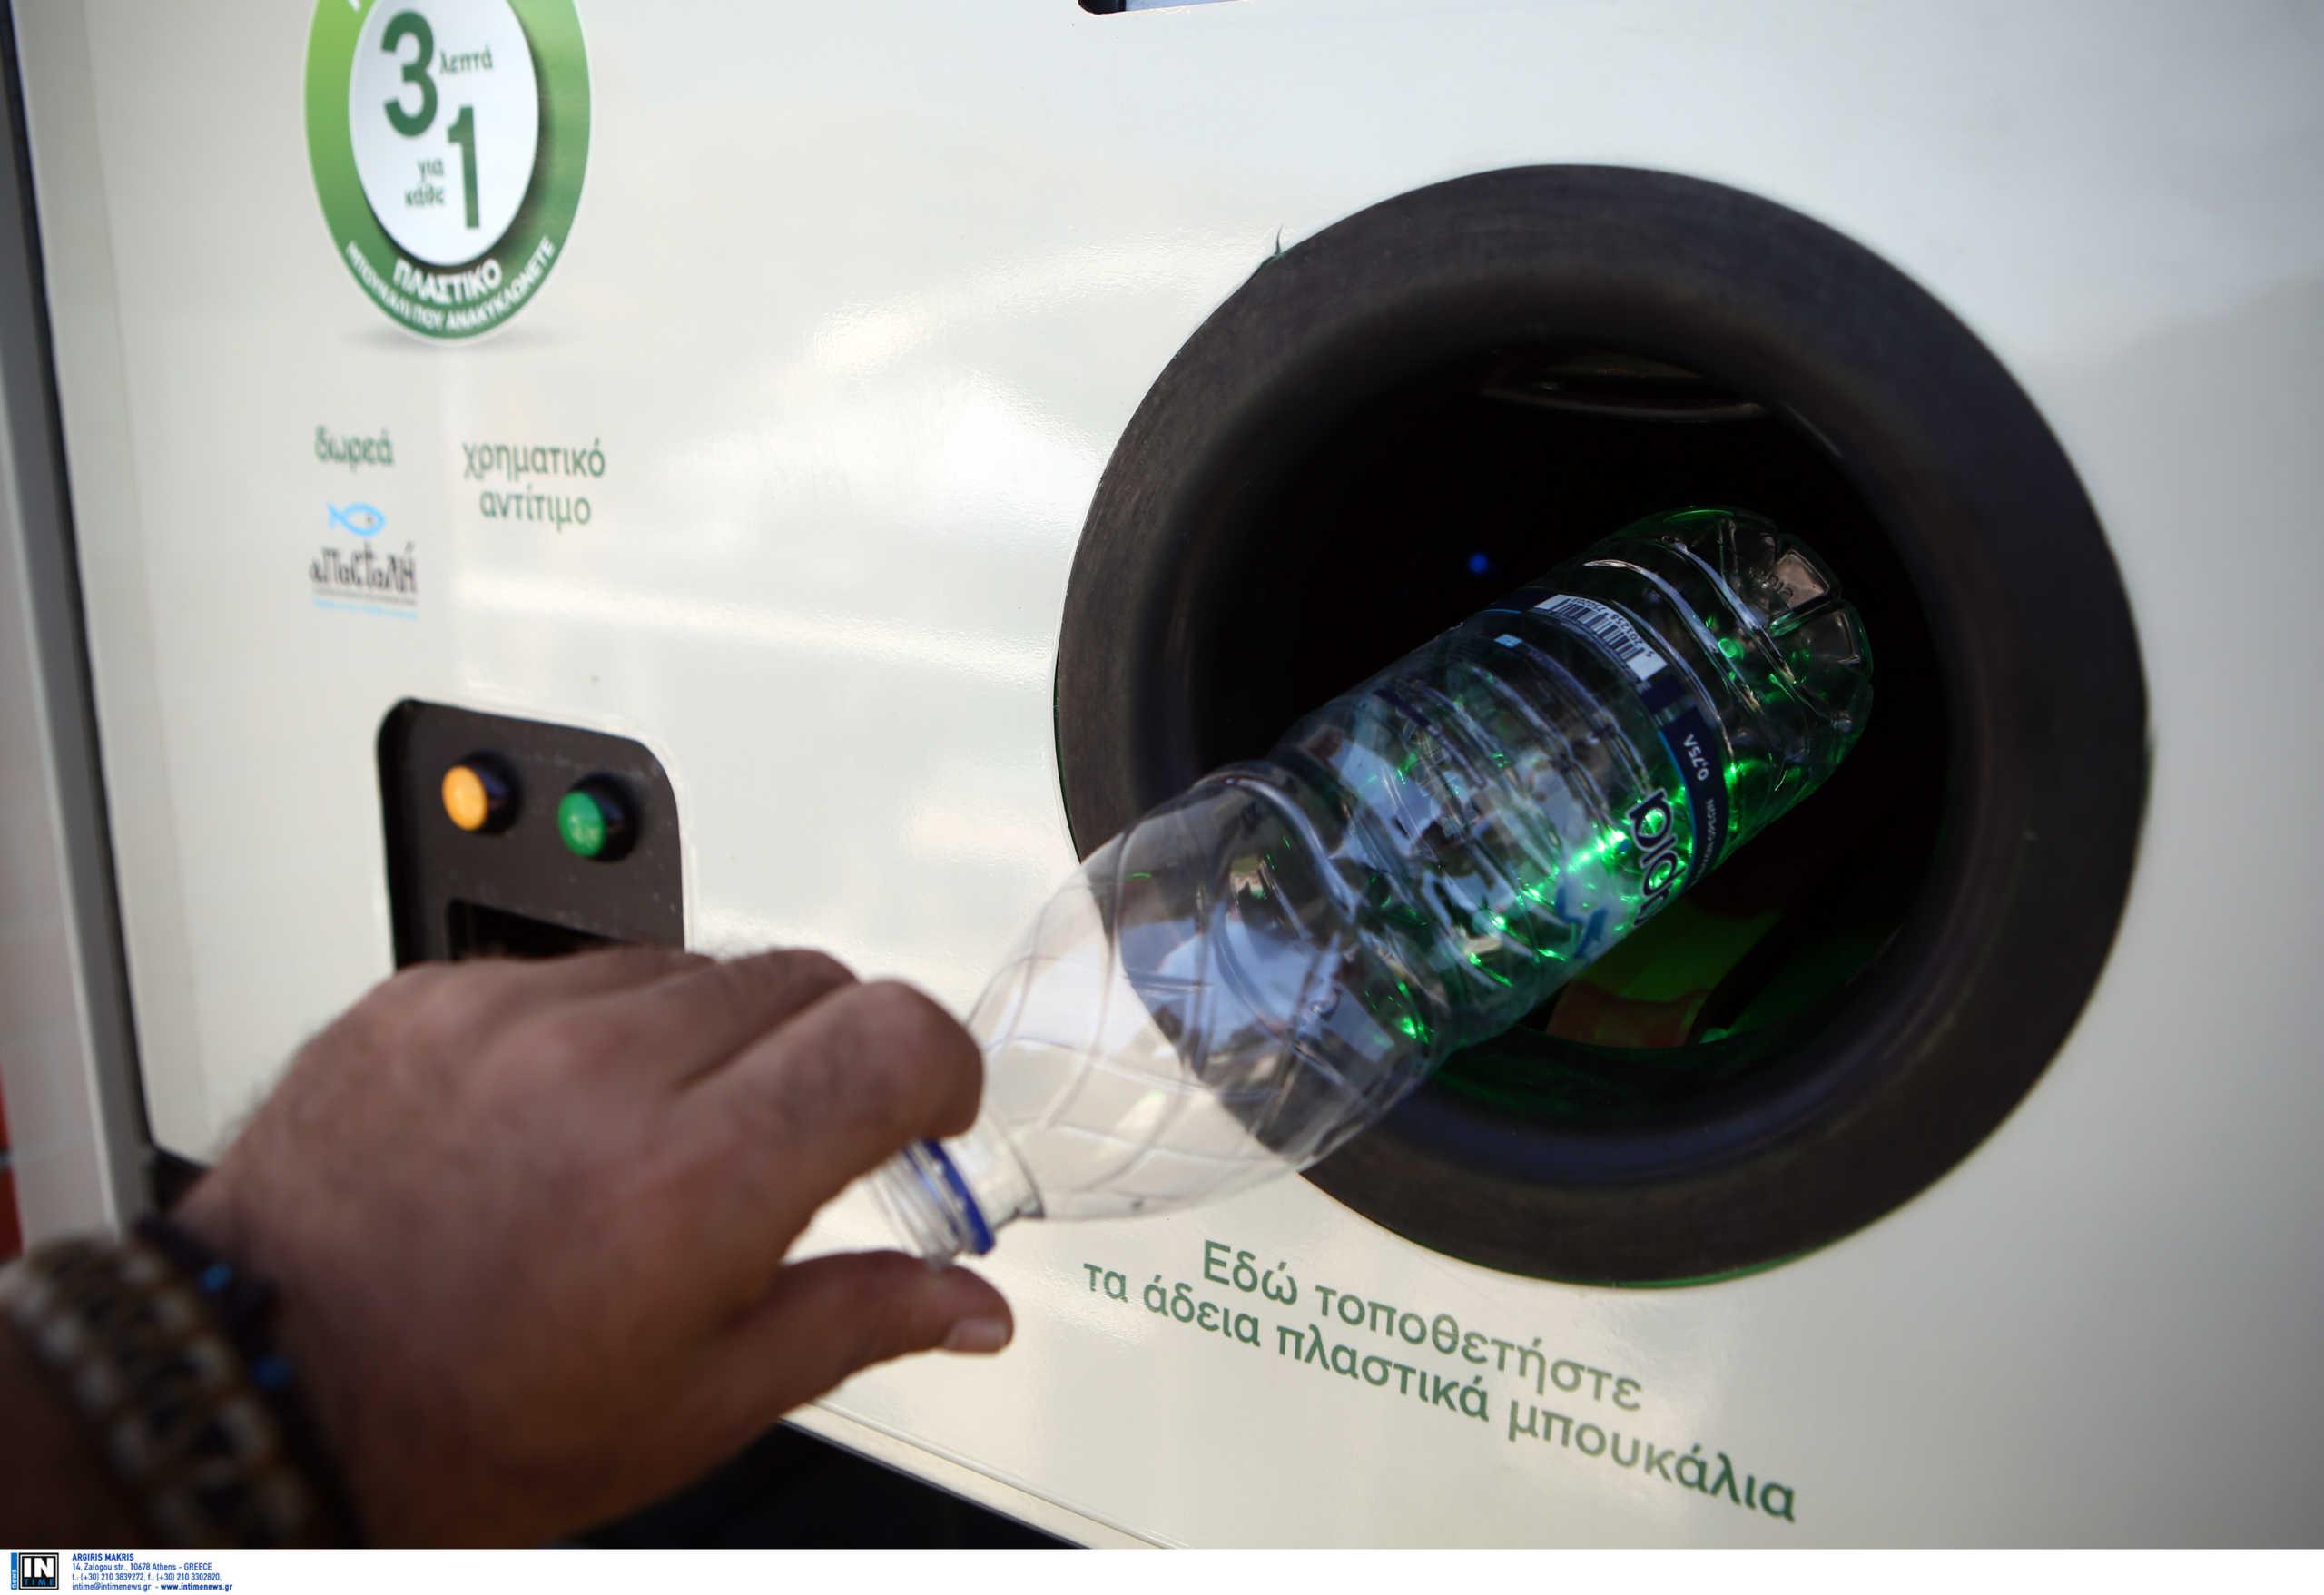 Ανακύκλωση: Τι αλλάζει με το νέο νομοσχέδιο του ΥΠΕΝ